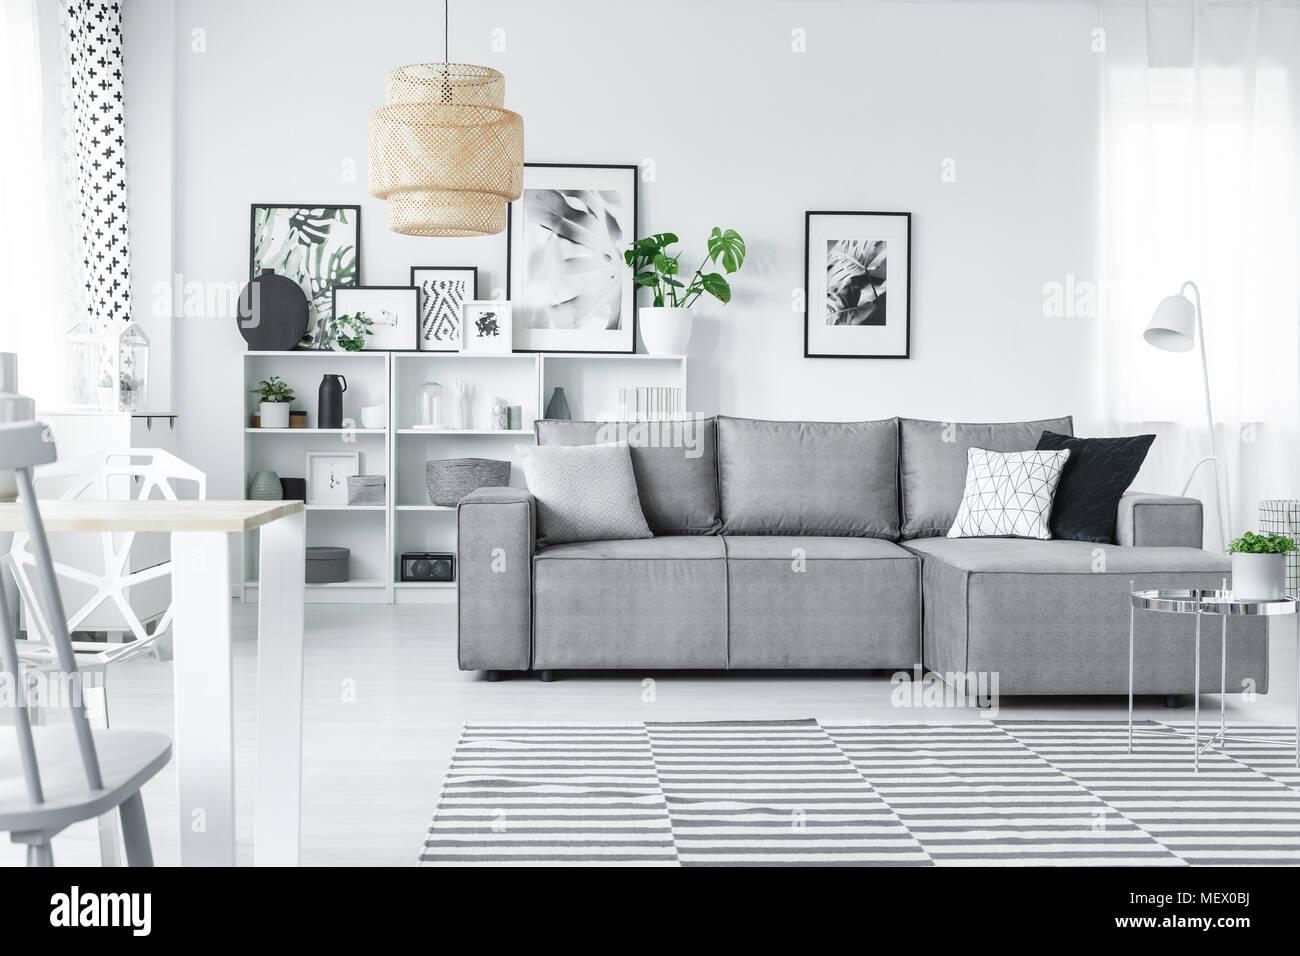 Charmant White Studio Einrichtung Im Skandinavischen Stil Mit Grauem Eckcouch,  Galerie Für Moderne Kunst Und Windows